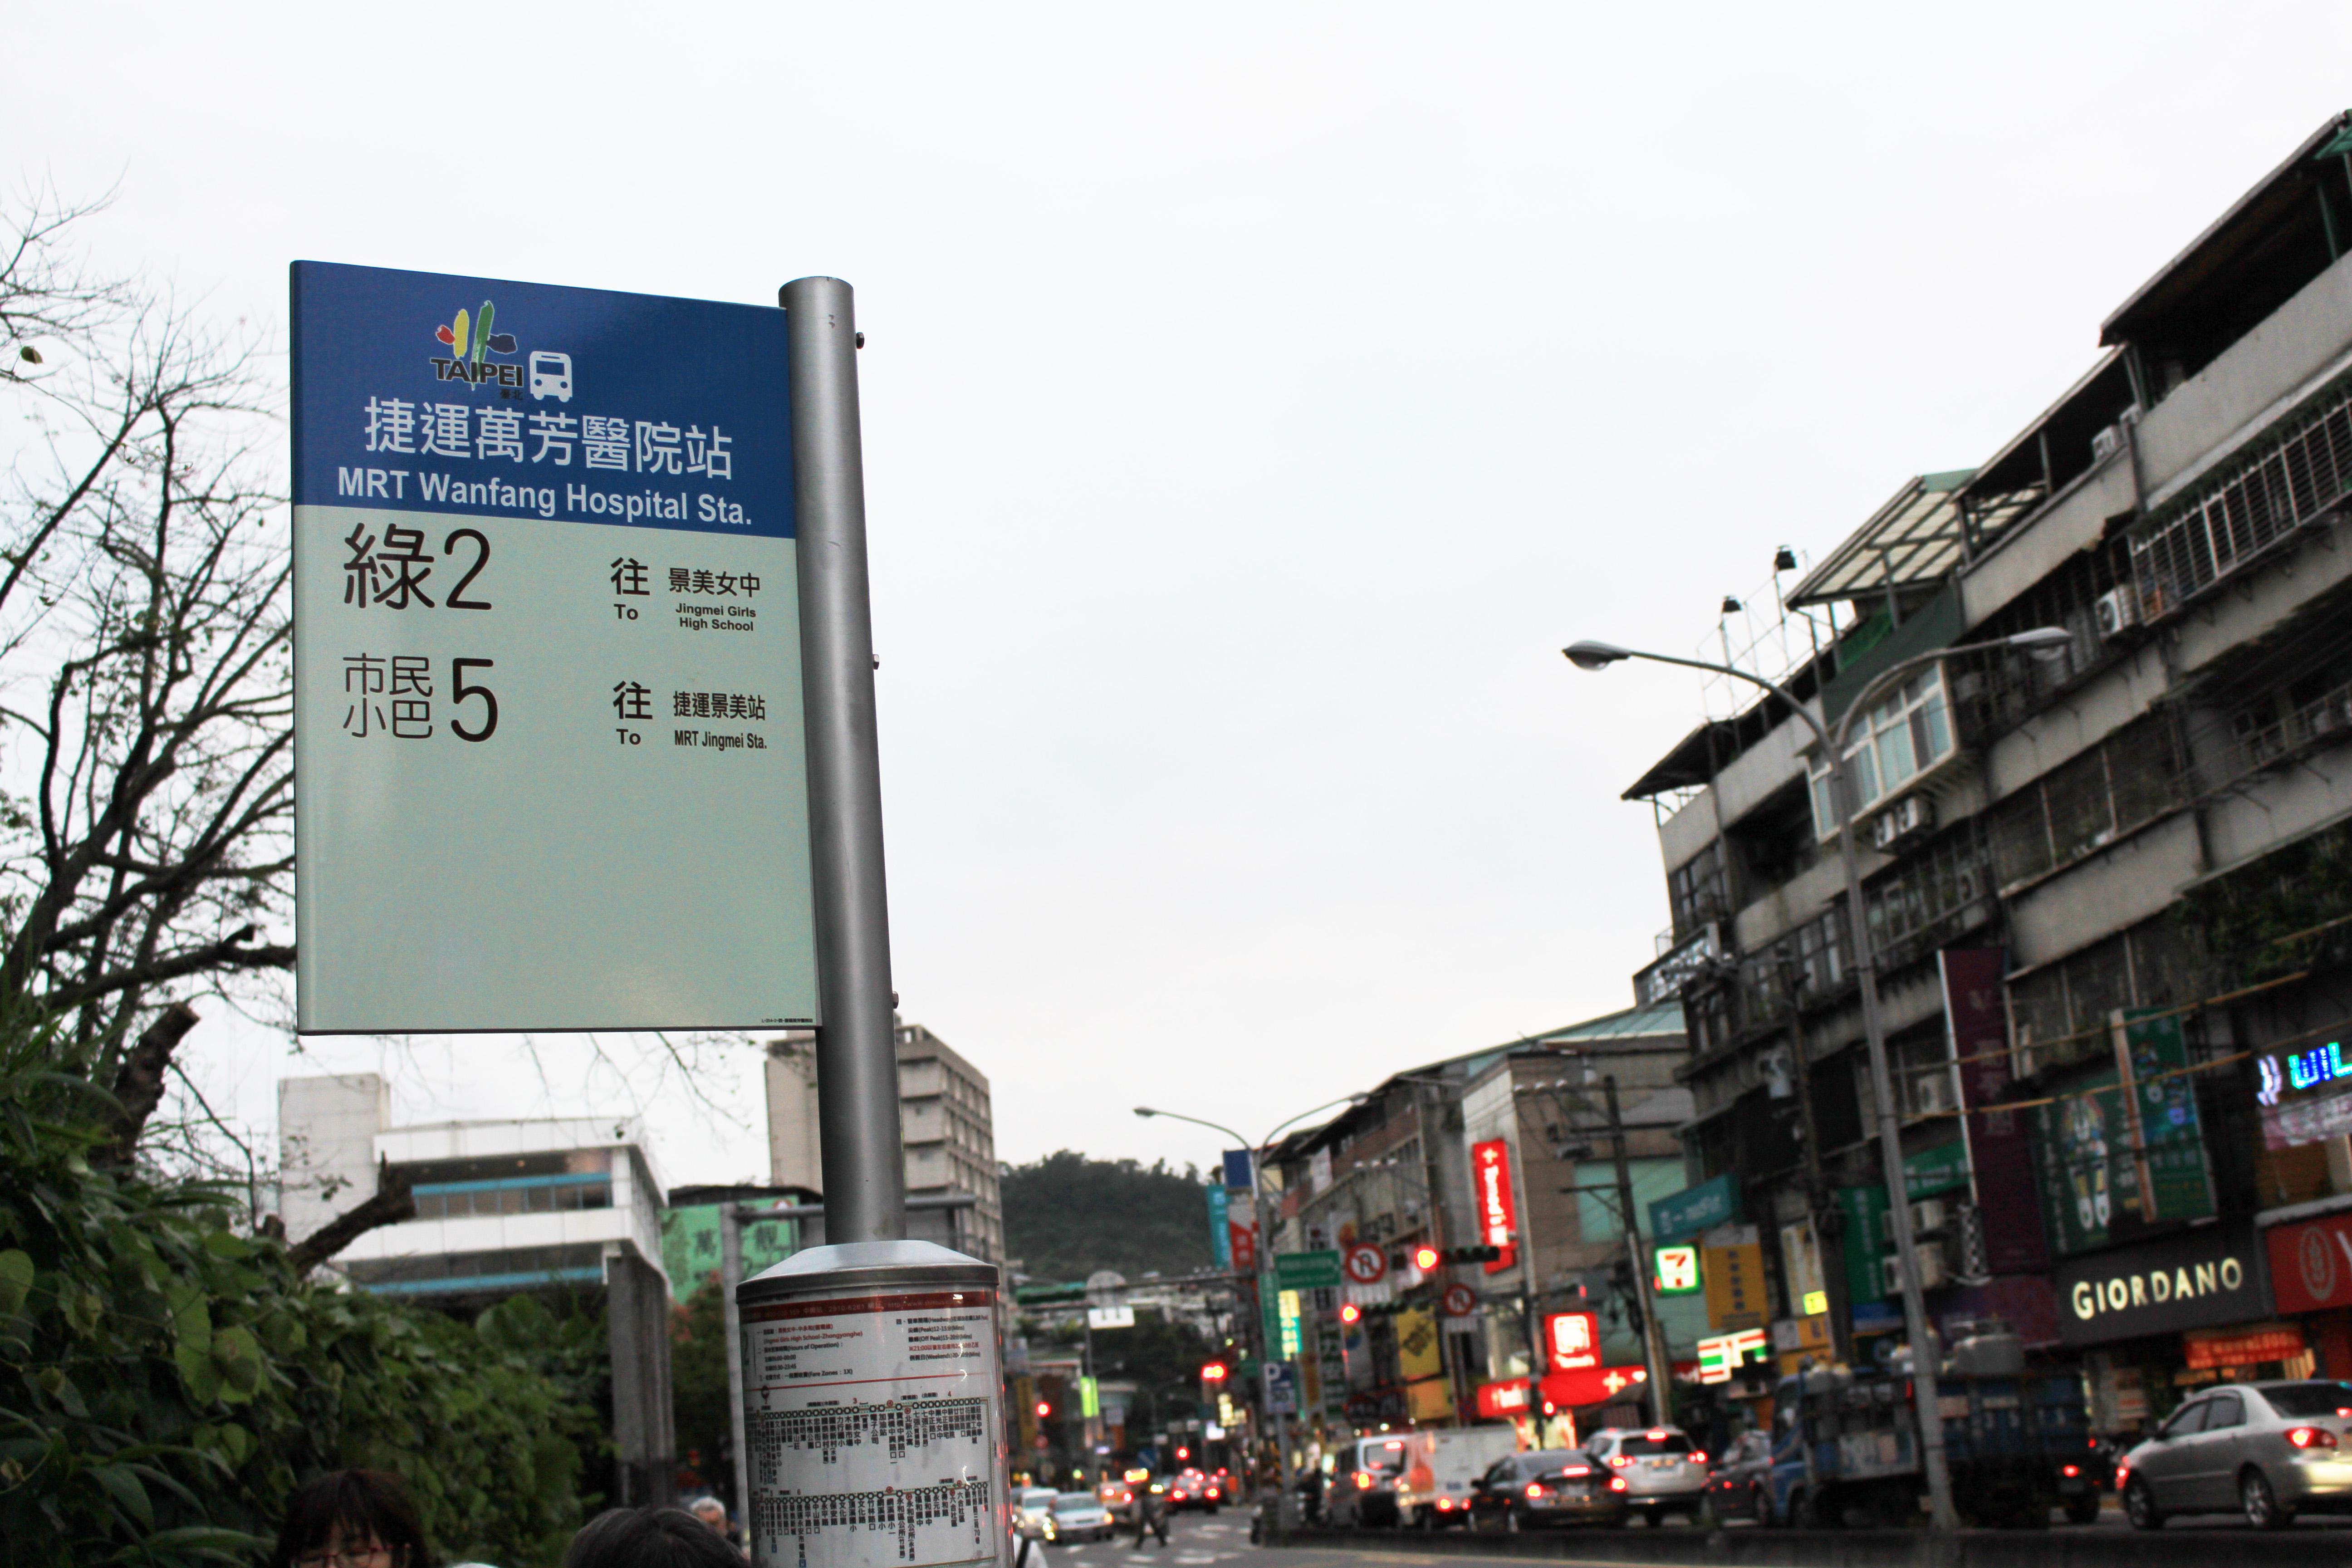 10月初時,綠2站牌新的所在位置。攝影/陳心亭